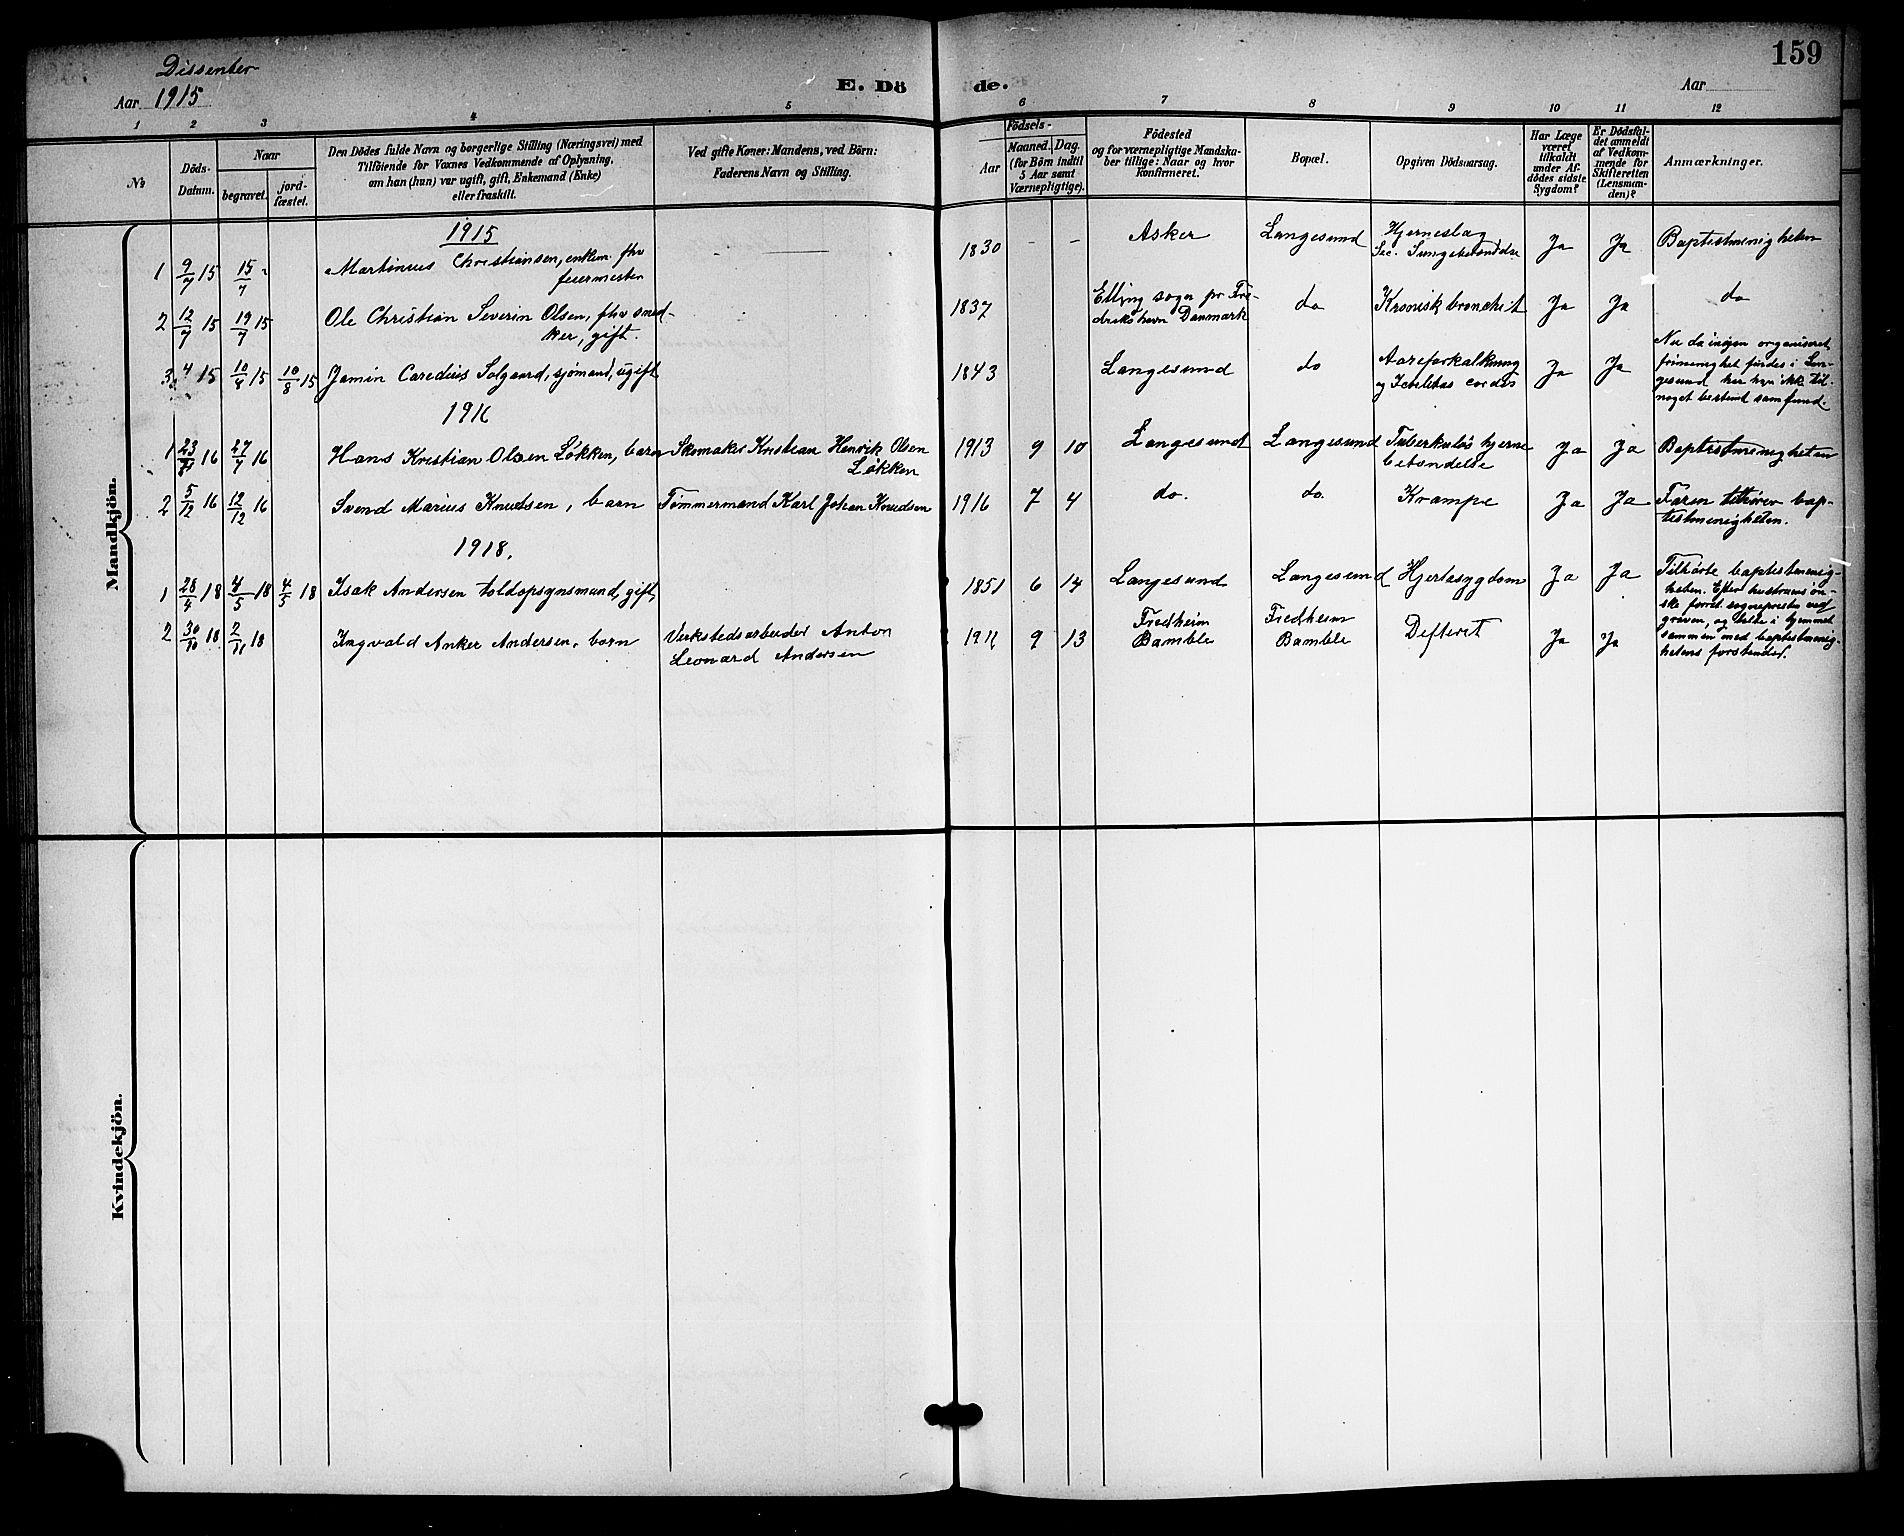 SAKO, Langesund kirkebøker, G/Ga/L0006: Klokkerbok nr. 6, 1899-1918, s. 159